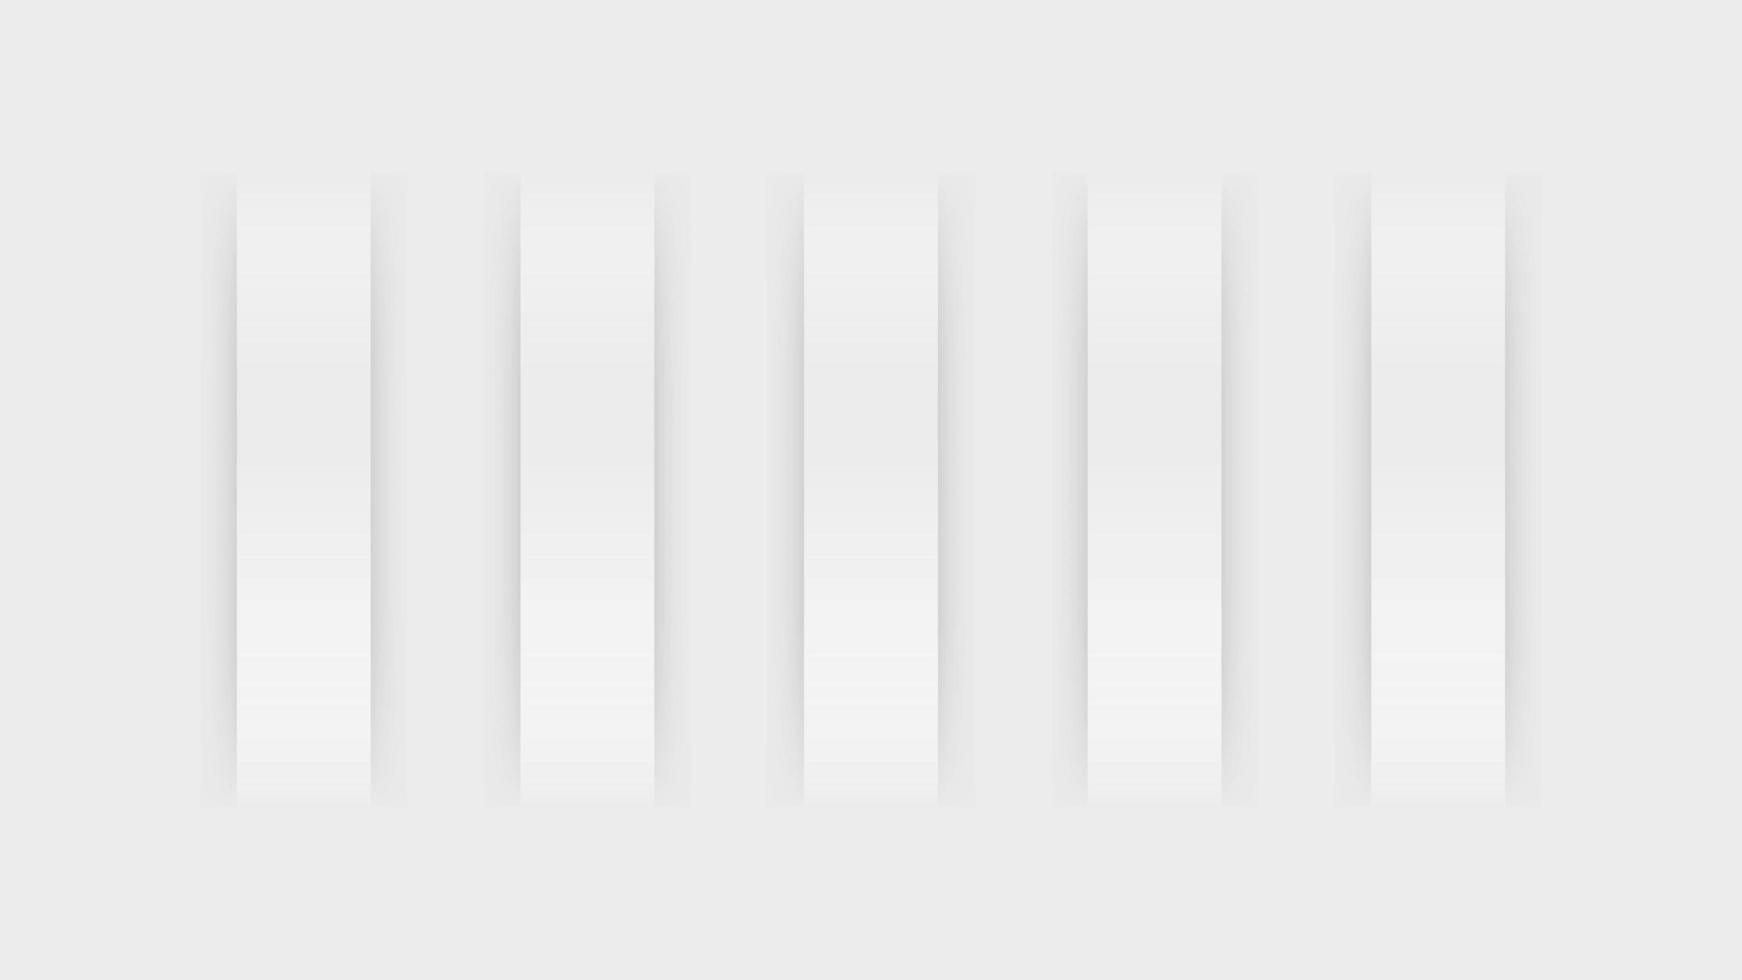 moderno sfondo bianco e grigio rettangolo vettore